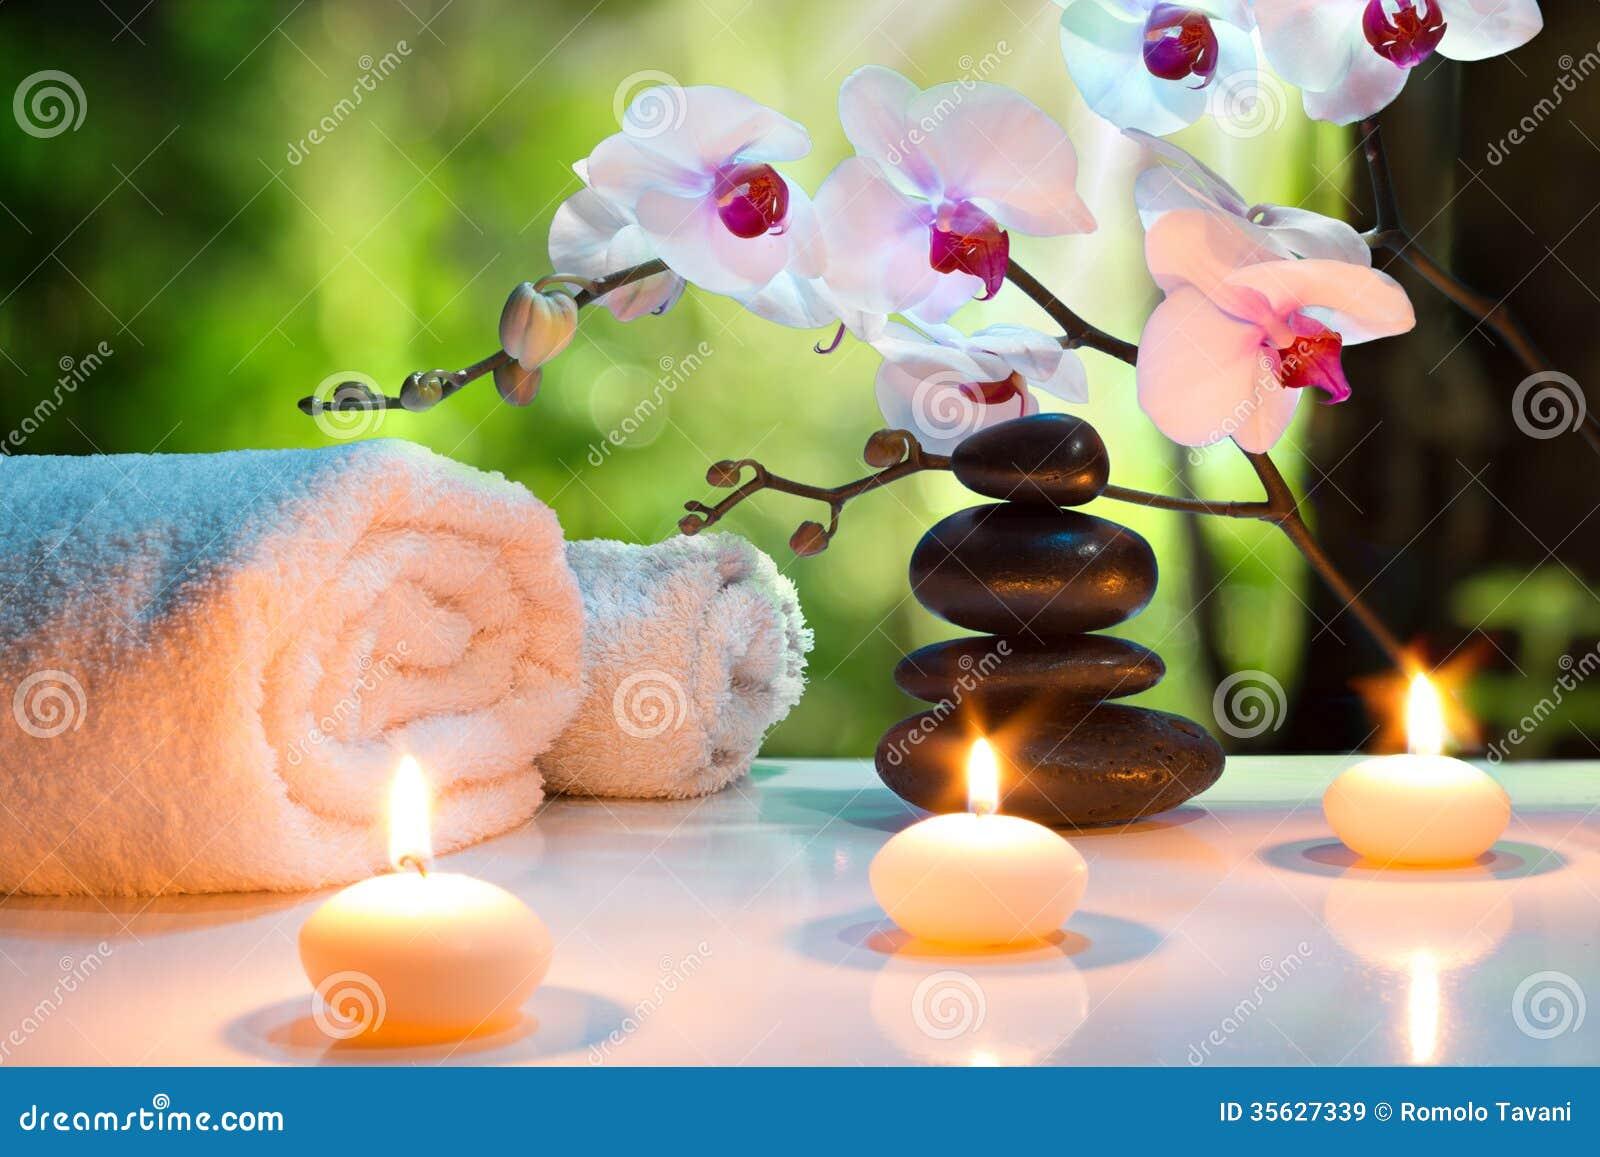 Massaggi la stazione termale della composizione con le candele, le orchidee e le pietre nere in giardino